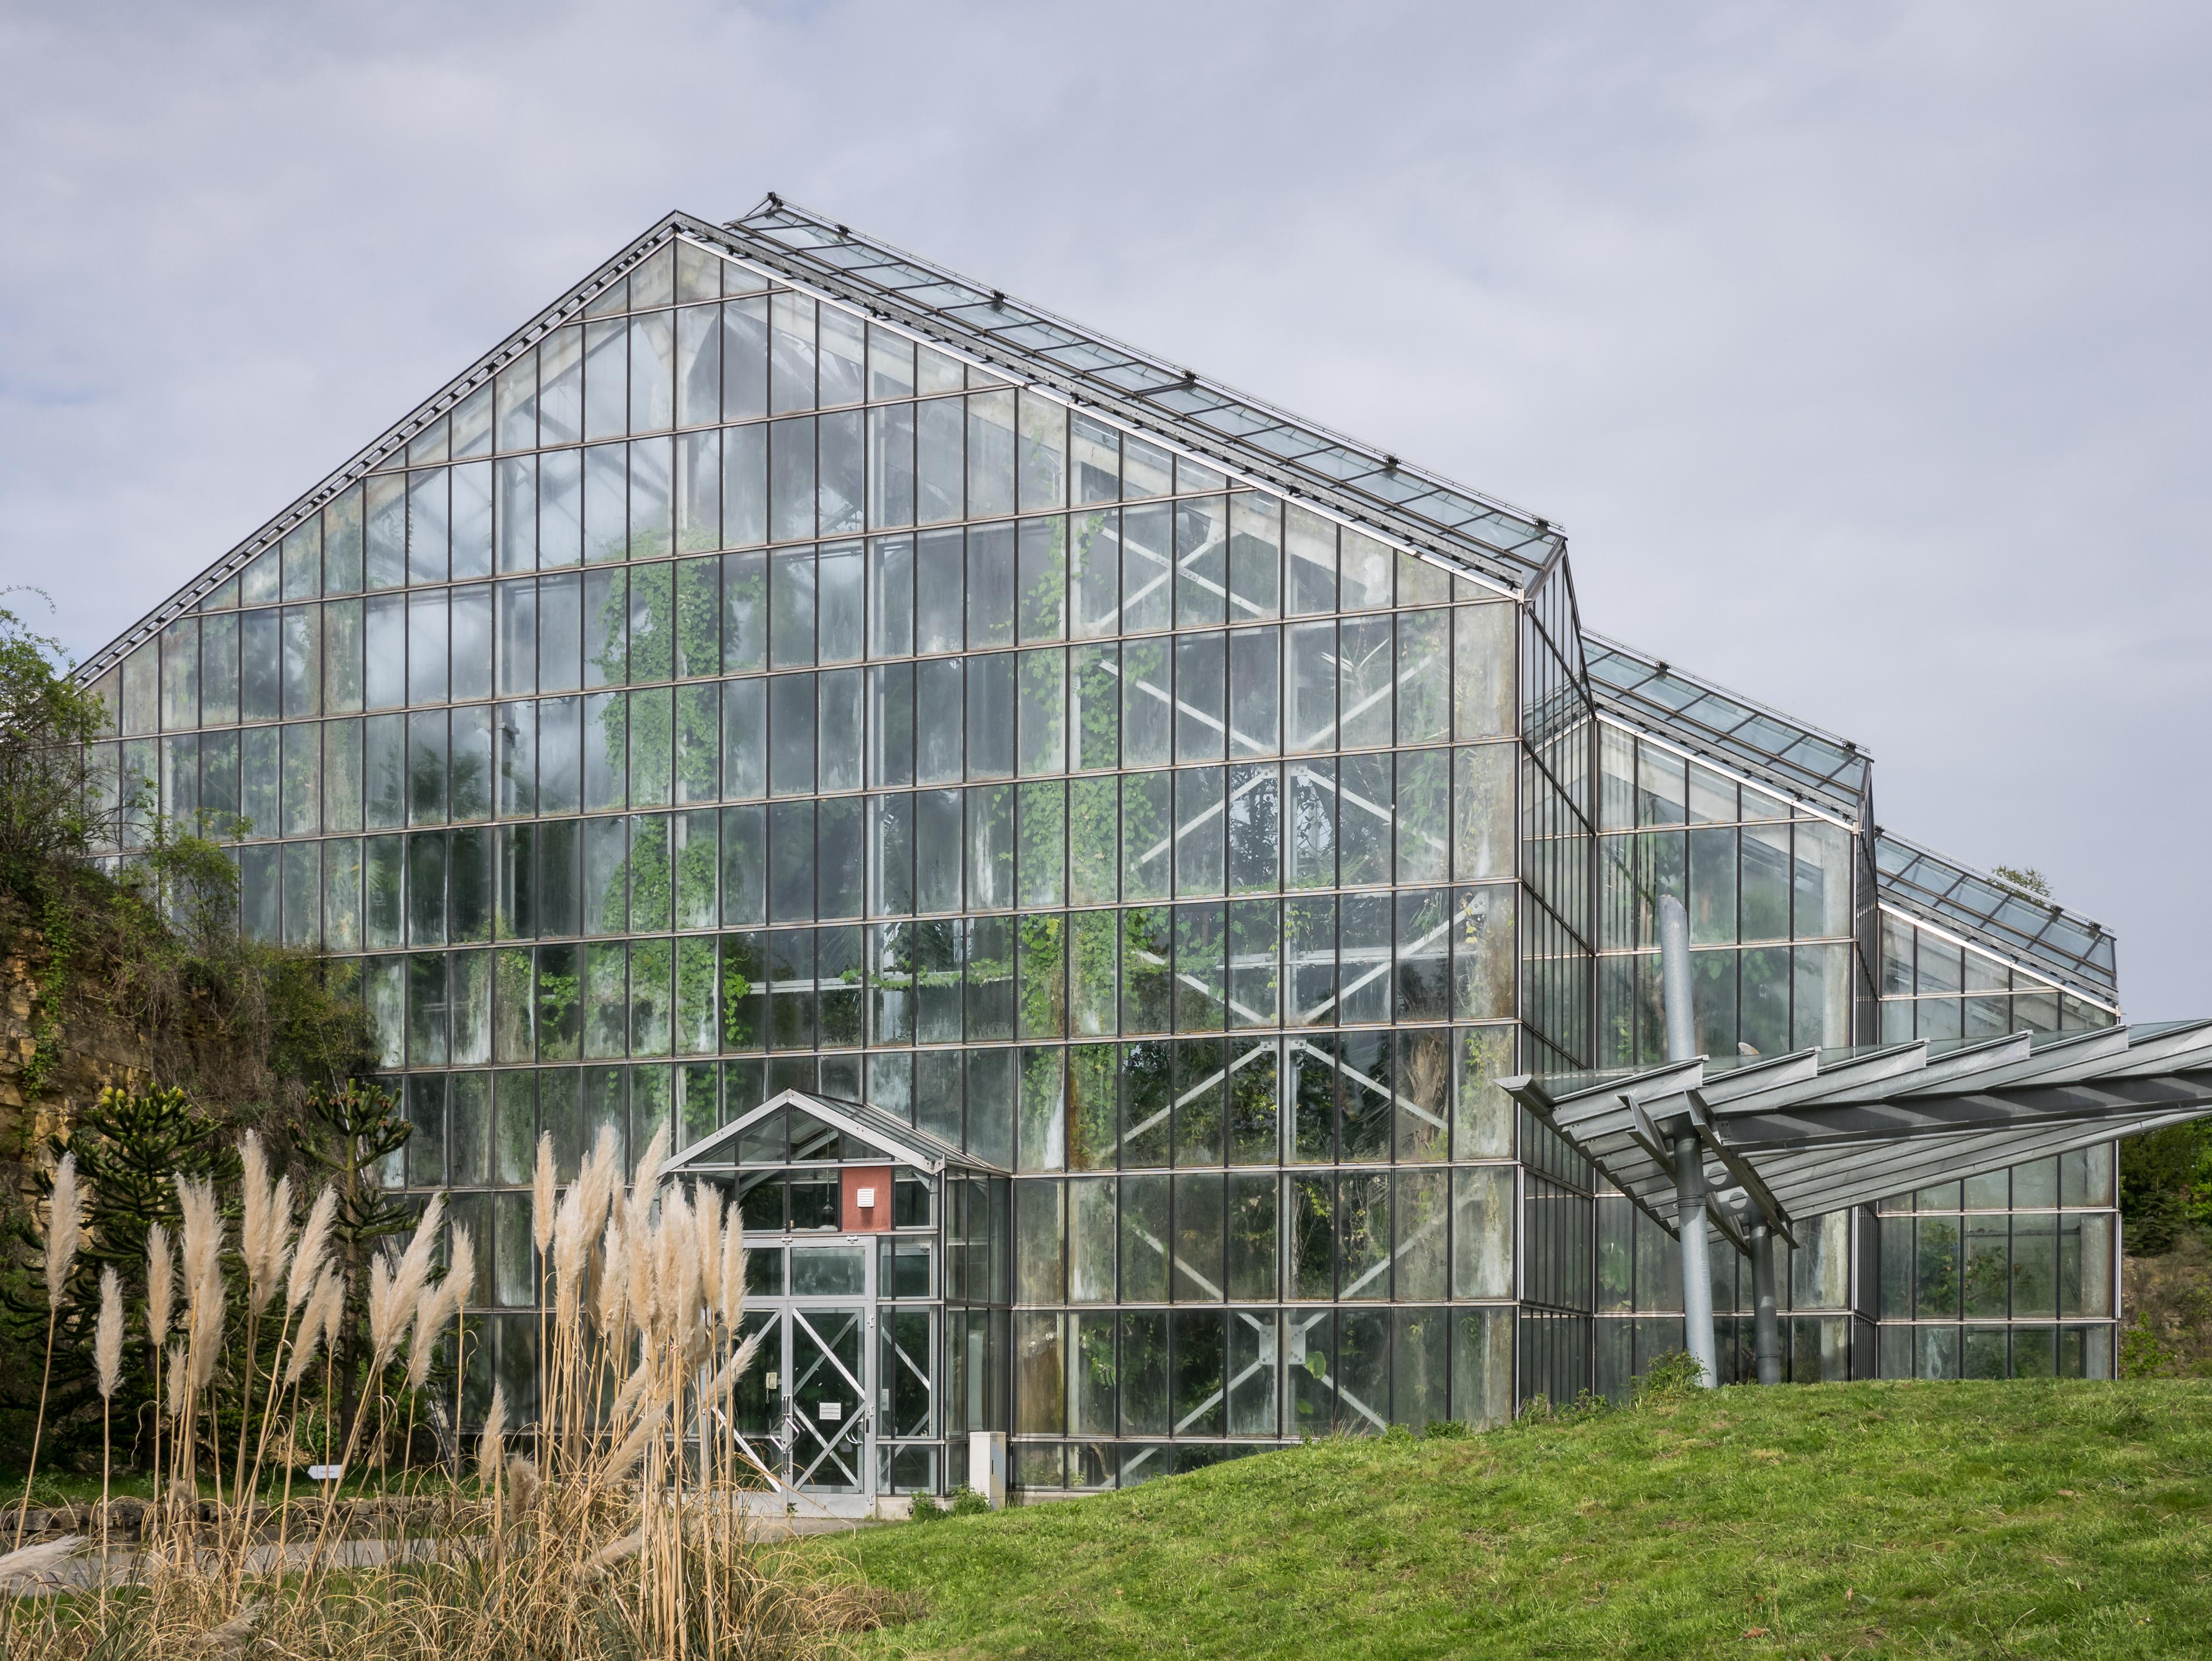 Garten Osnabrück file osnabrück botanischer garten tropenhaus 01 jpg wikimedia